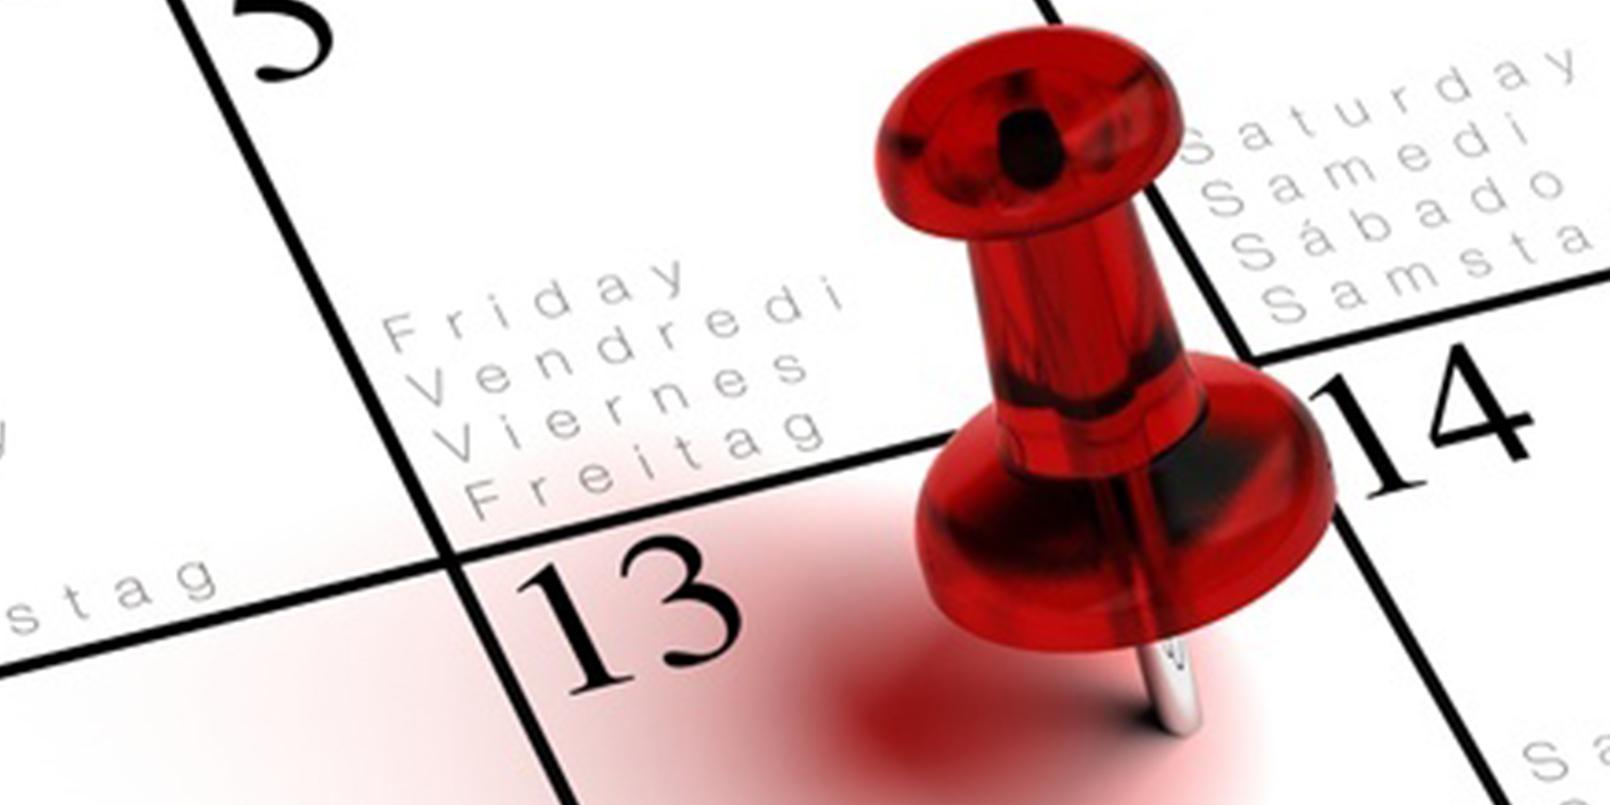 Abril: único mes para reclamar el exceso de cotización | Sala de prensa Grupo Asesor ADADE y E-Consulting Global Group